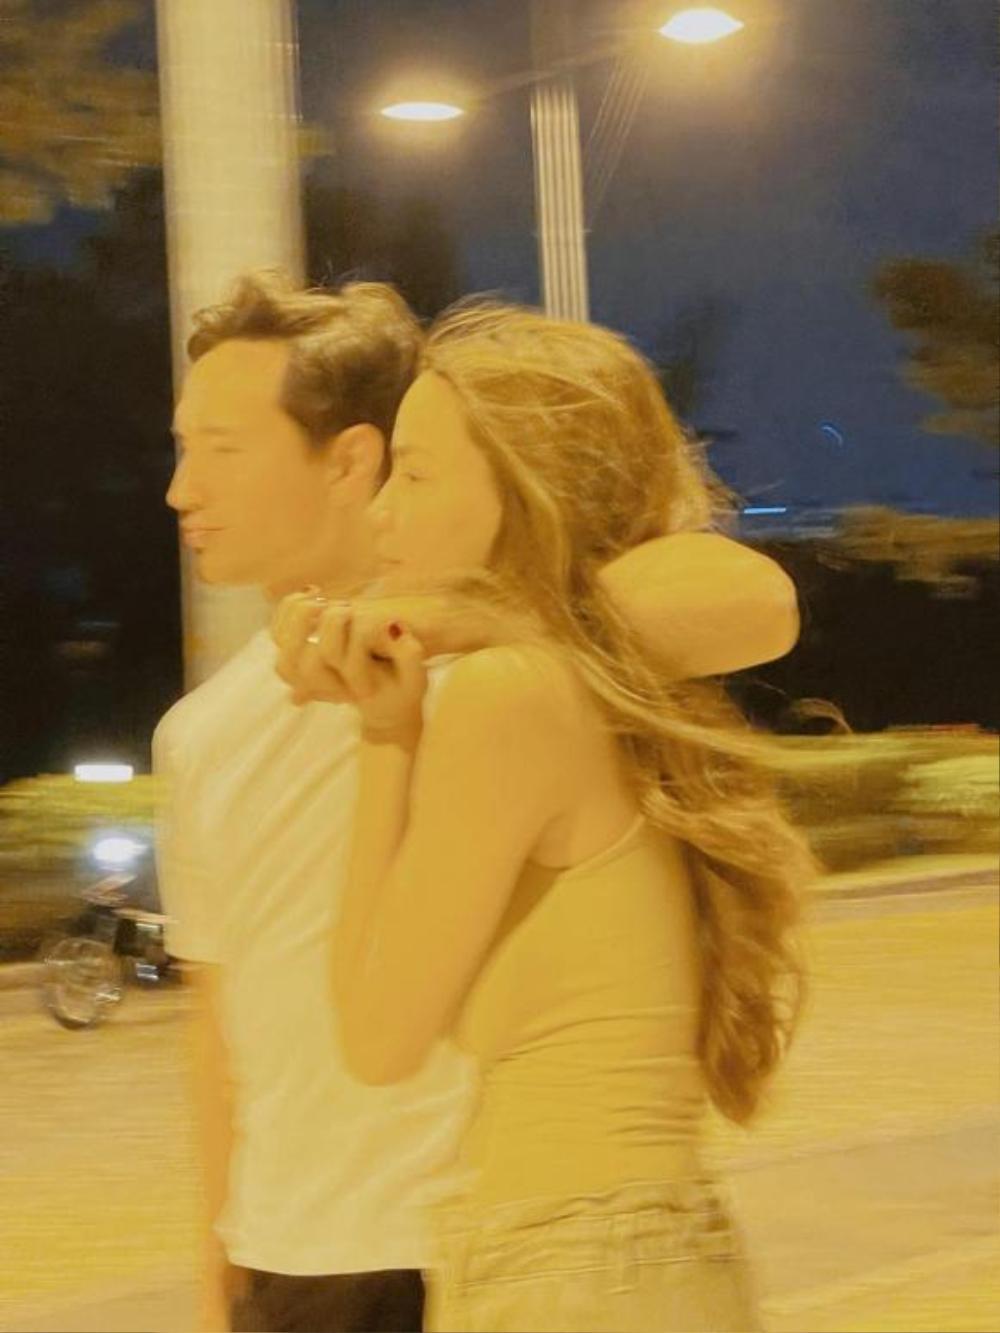 Lịm tim trước loạt khoảnh khắc đầy tình cảm của Hà Hồ và Kim Lý khi 'trốn' cặp song sinh đi chơi riêng Ảnh 3